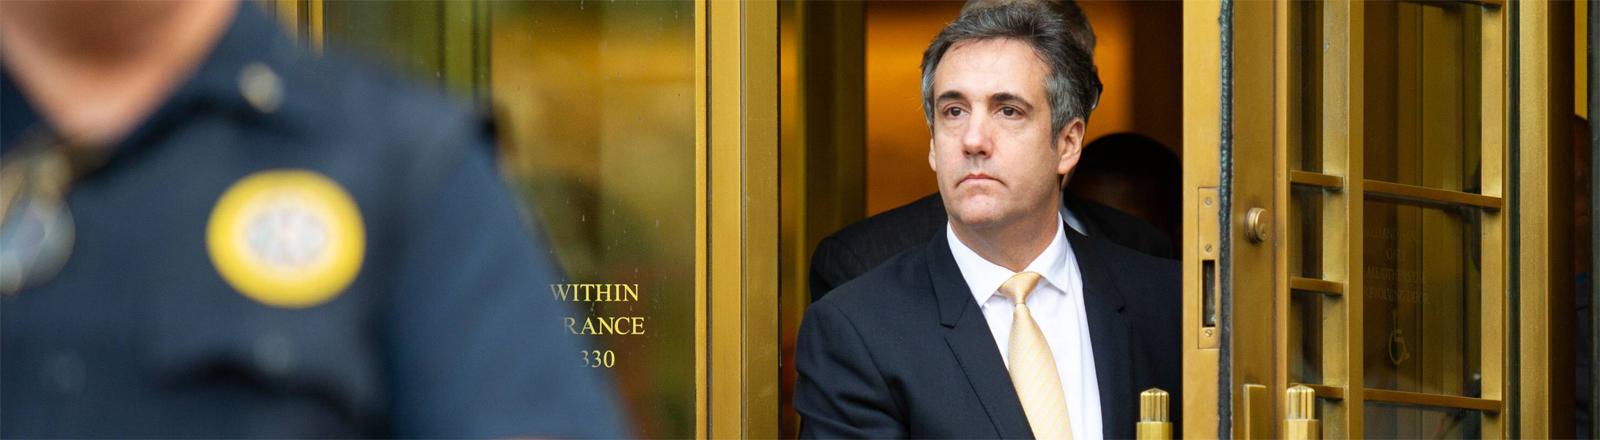 Donald Trumps ehemaligen Anwalt Michael Cohen nach seiner Aussage vor Gericht am 21. August in New York